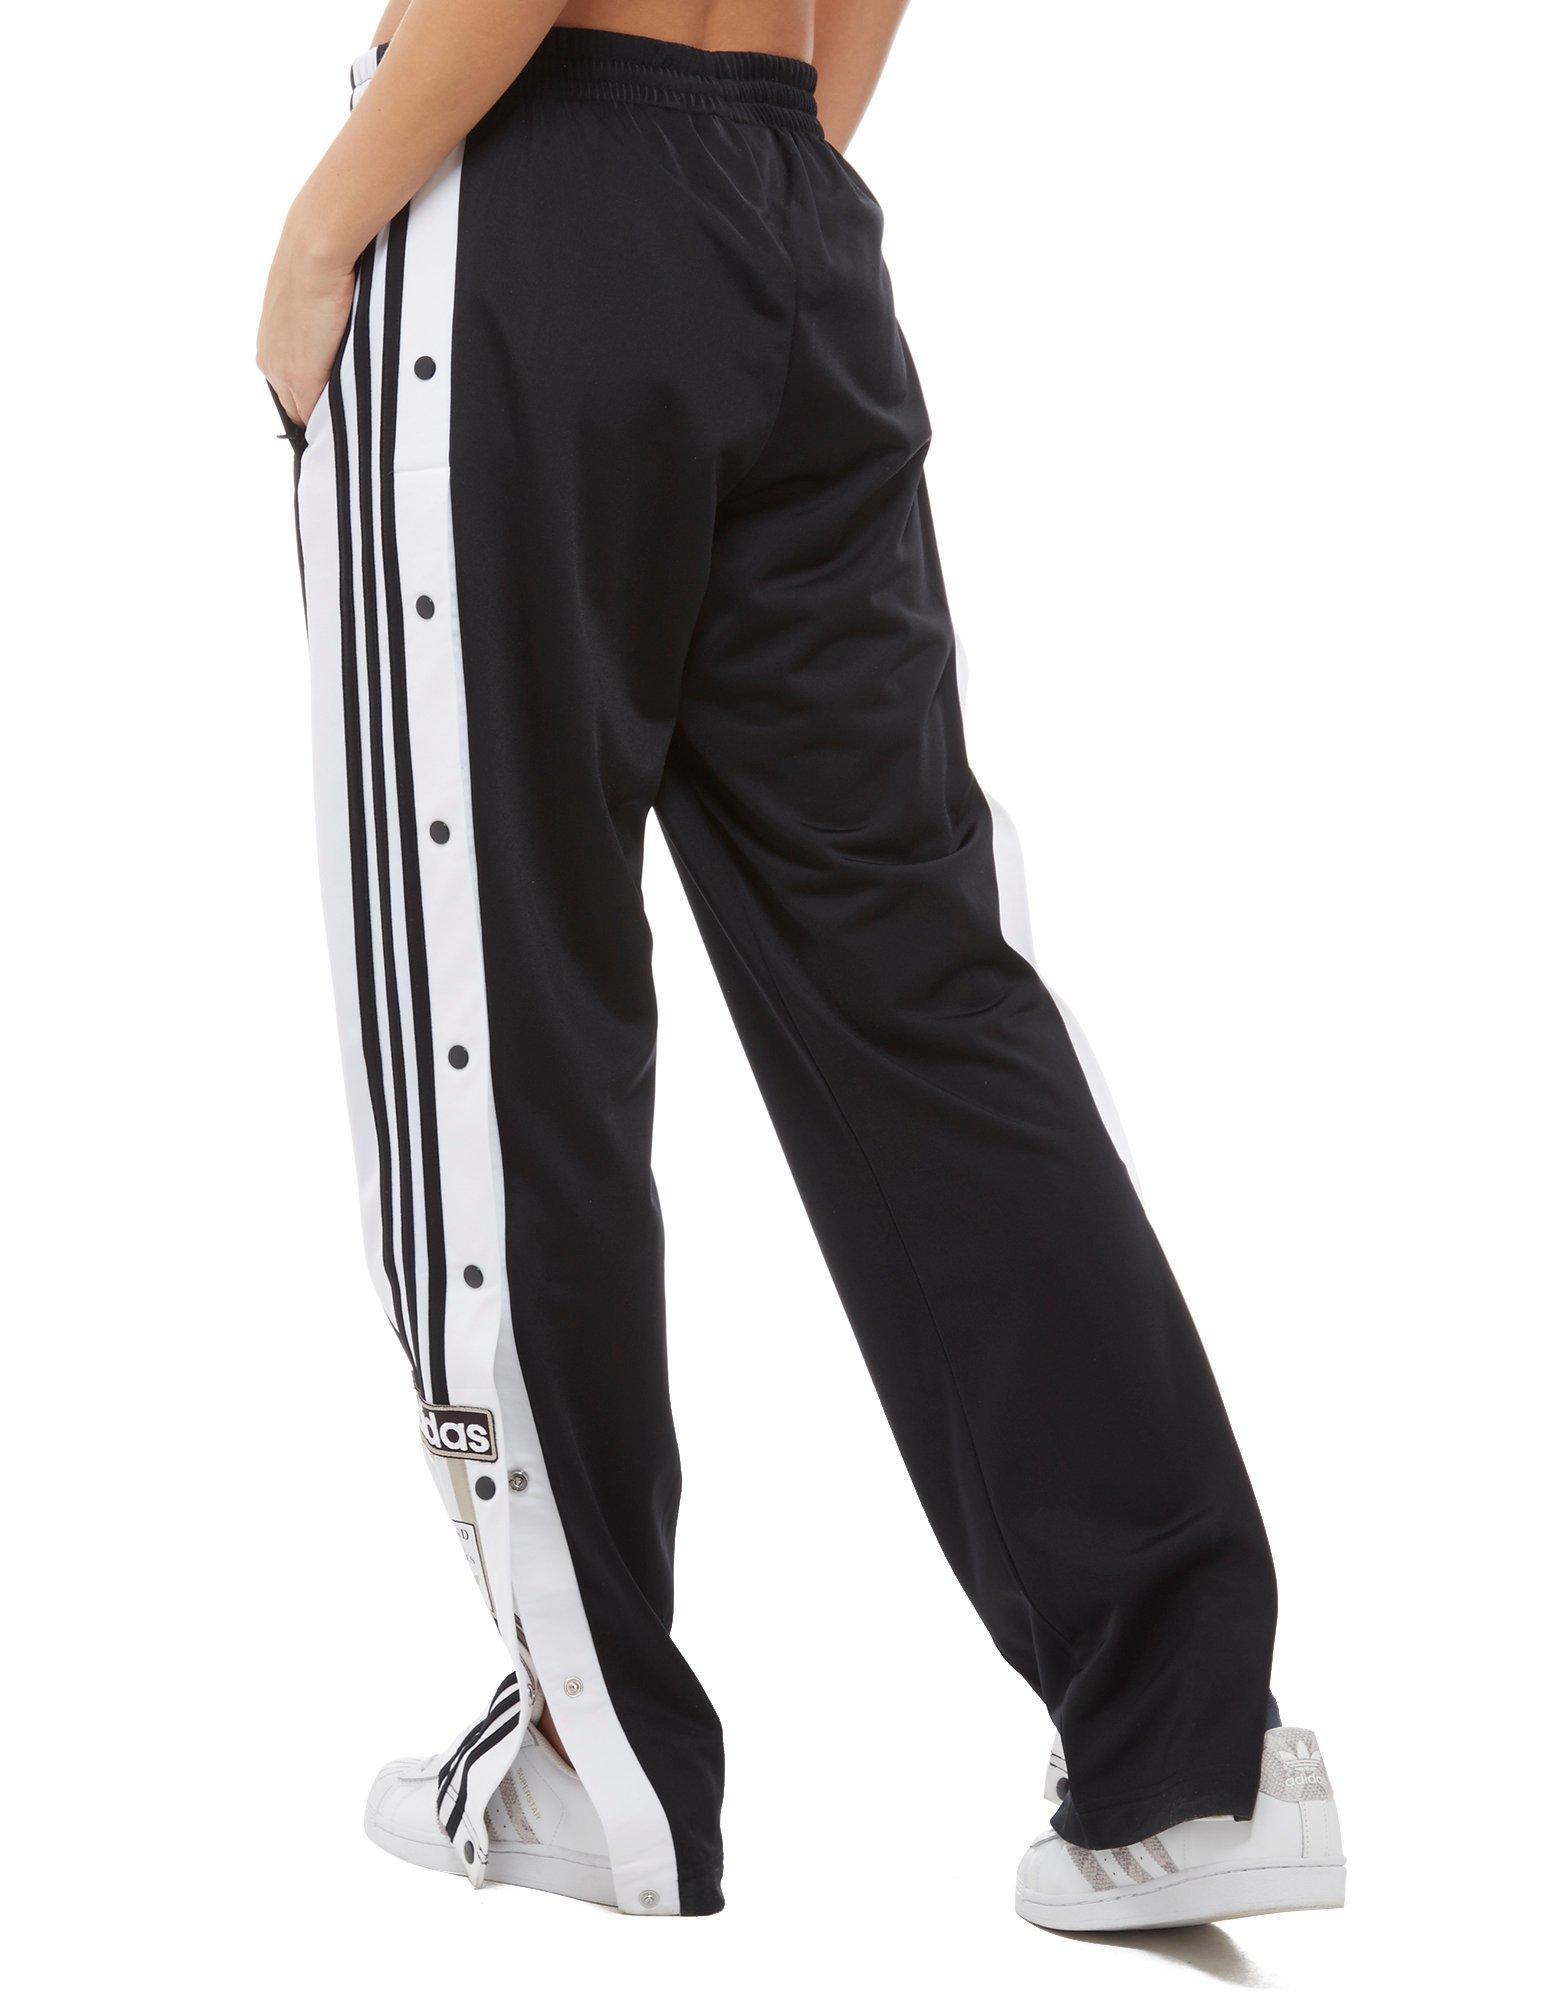 a0deb5001a9 adidas Originals Adibreak Popper Pants in Black - Lyst